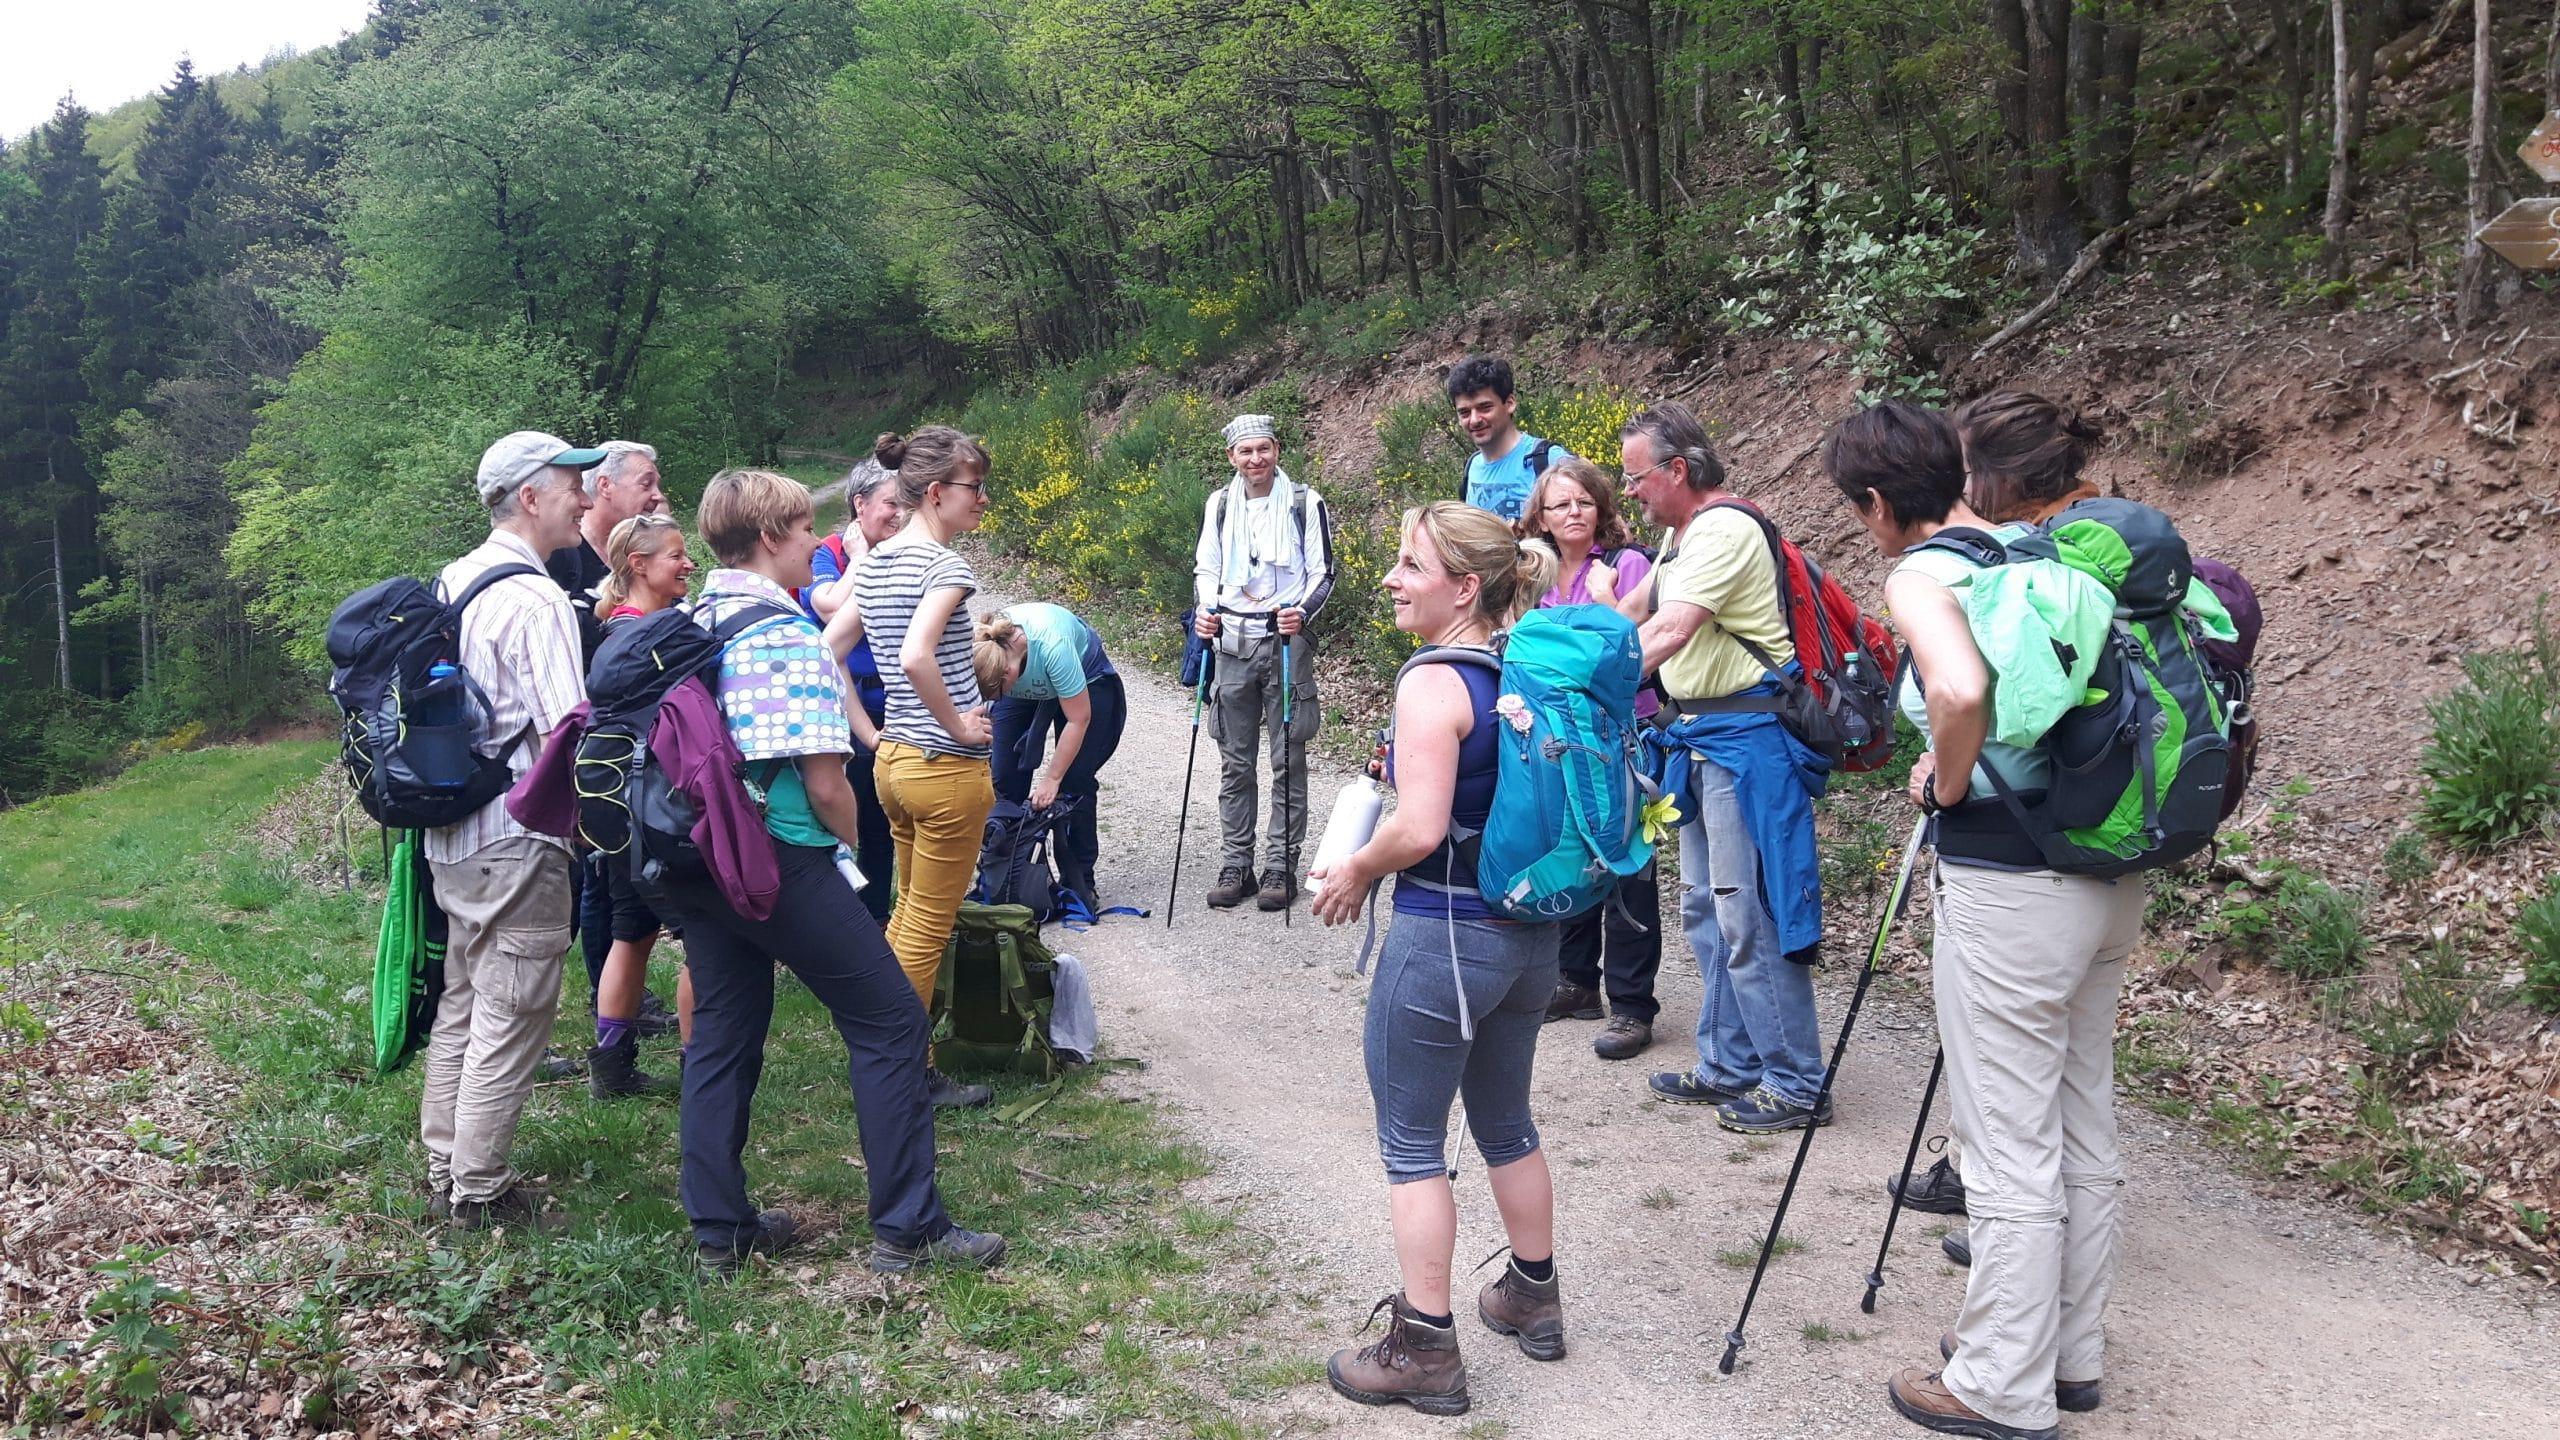 Impression der Coaching-Gruppe beim Wandern